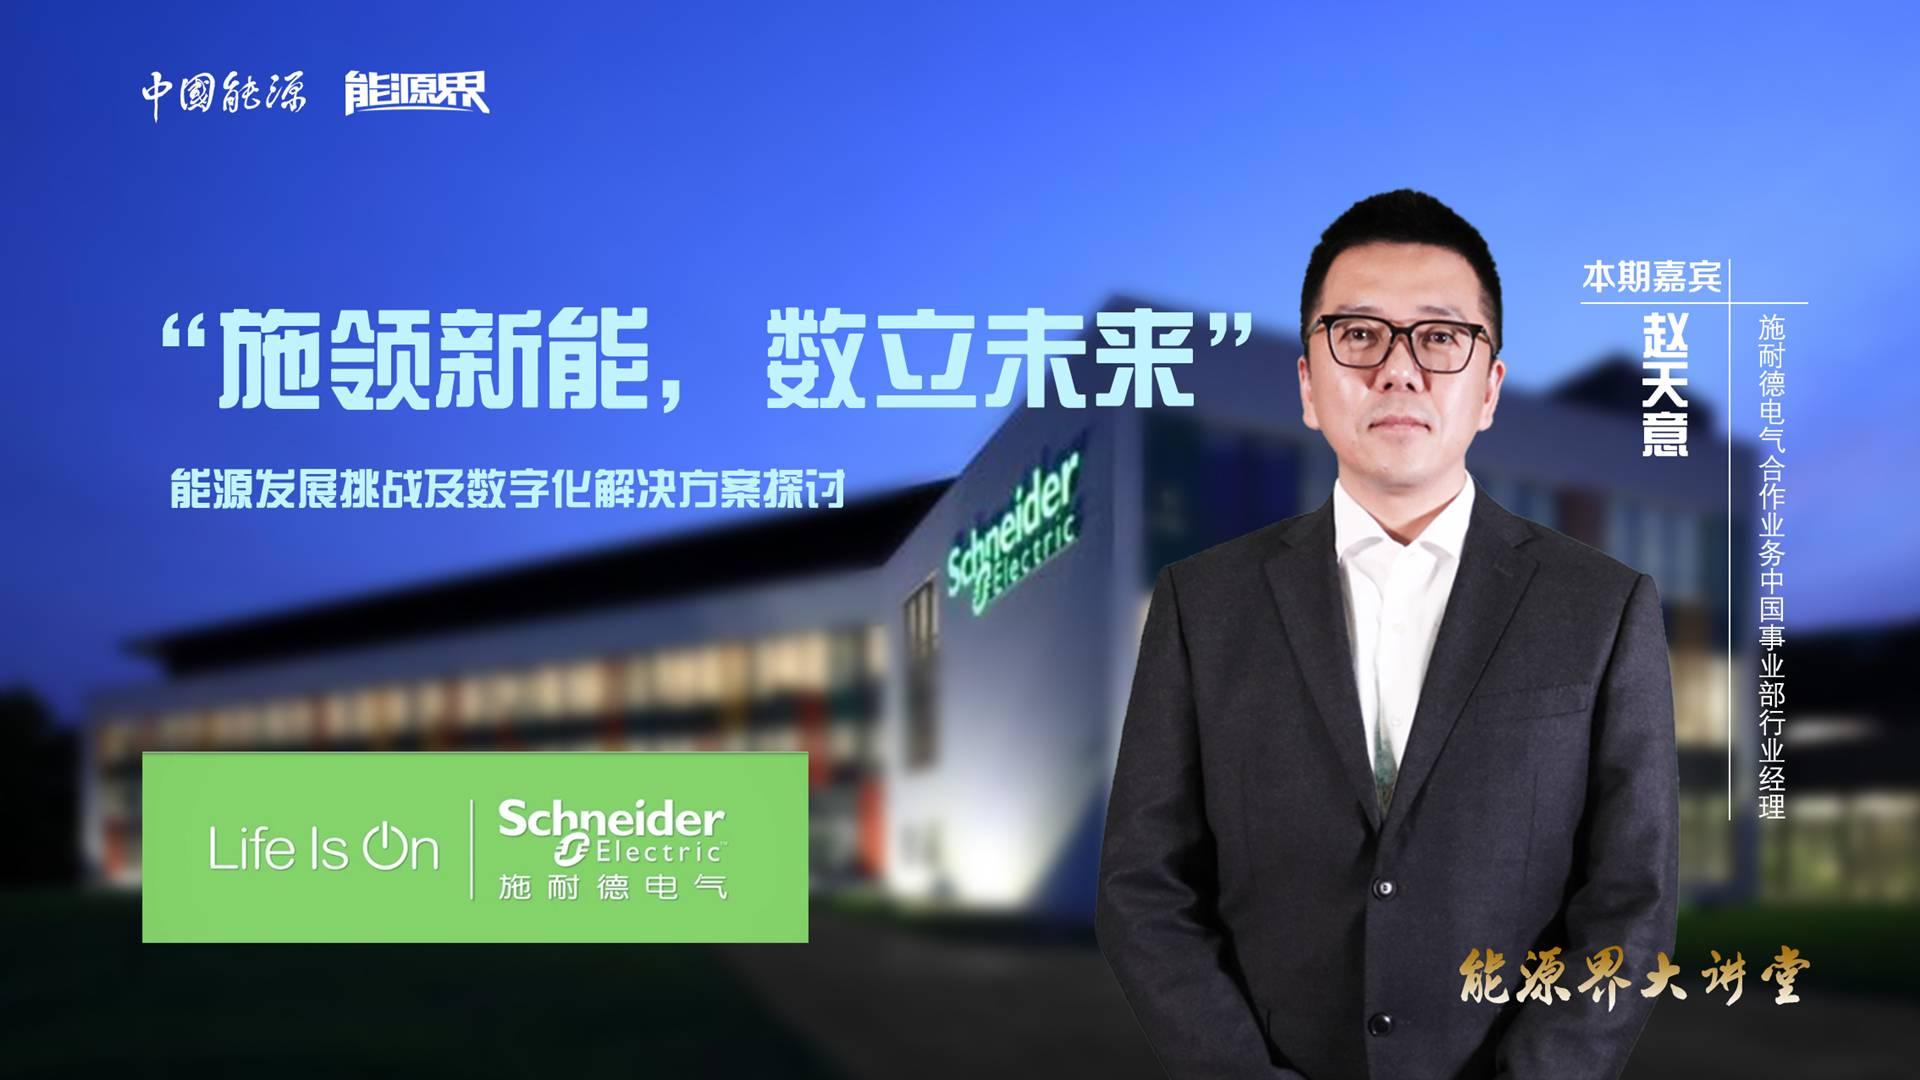 """赵天意:""""施领新能,数立未来""""——能源发展挑战及数字化解决方案探讨"""